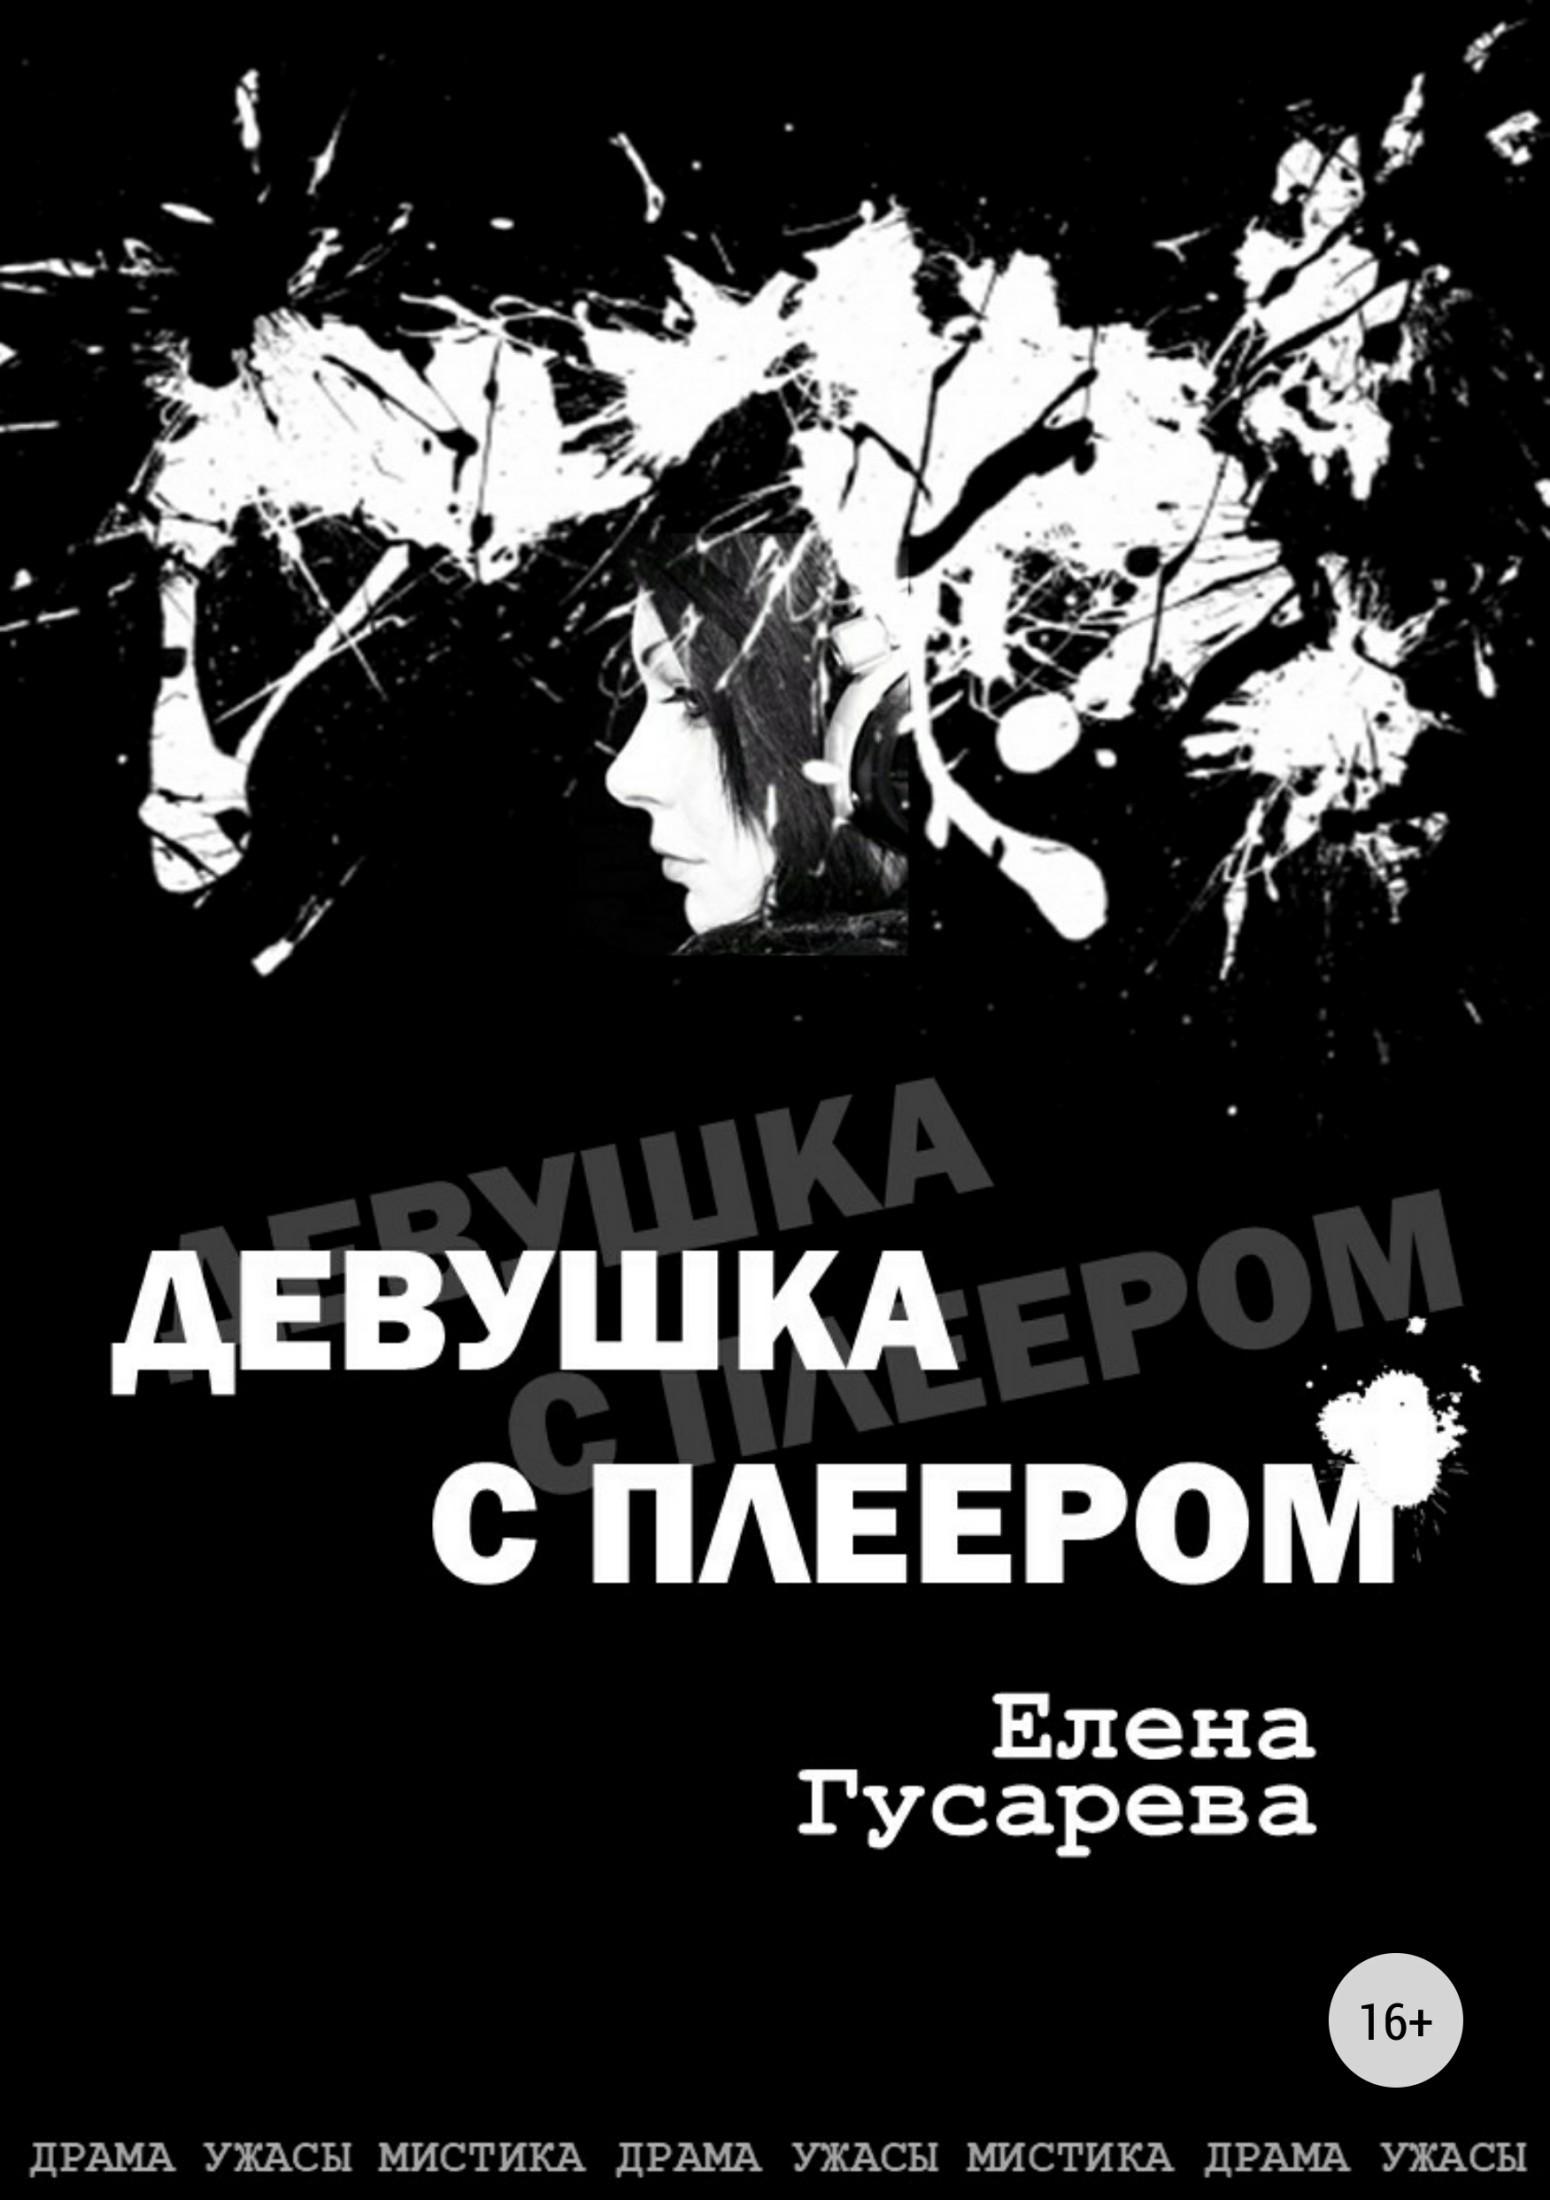 Елена Сергеевна Гусарева Девушка с плеером последний космический шанс зачем землянам чужие миры